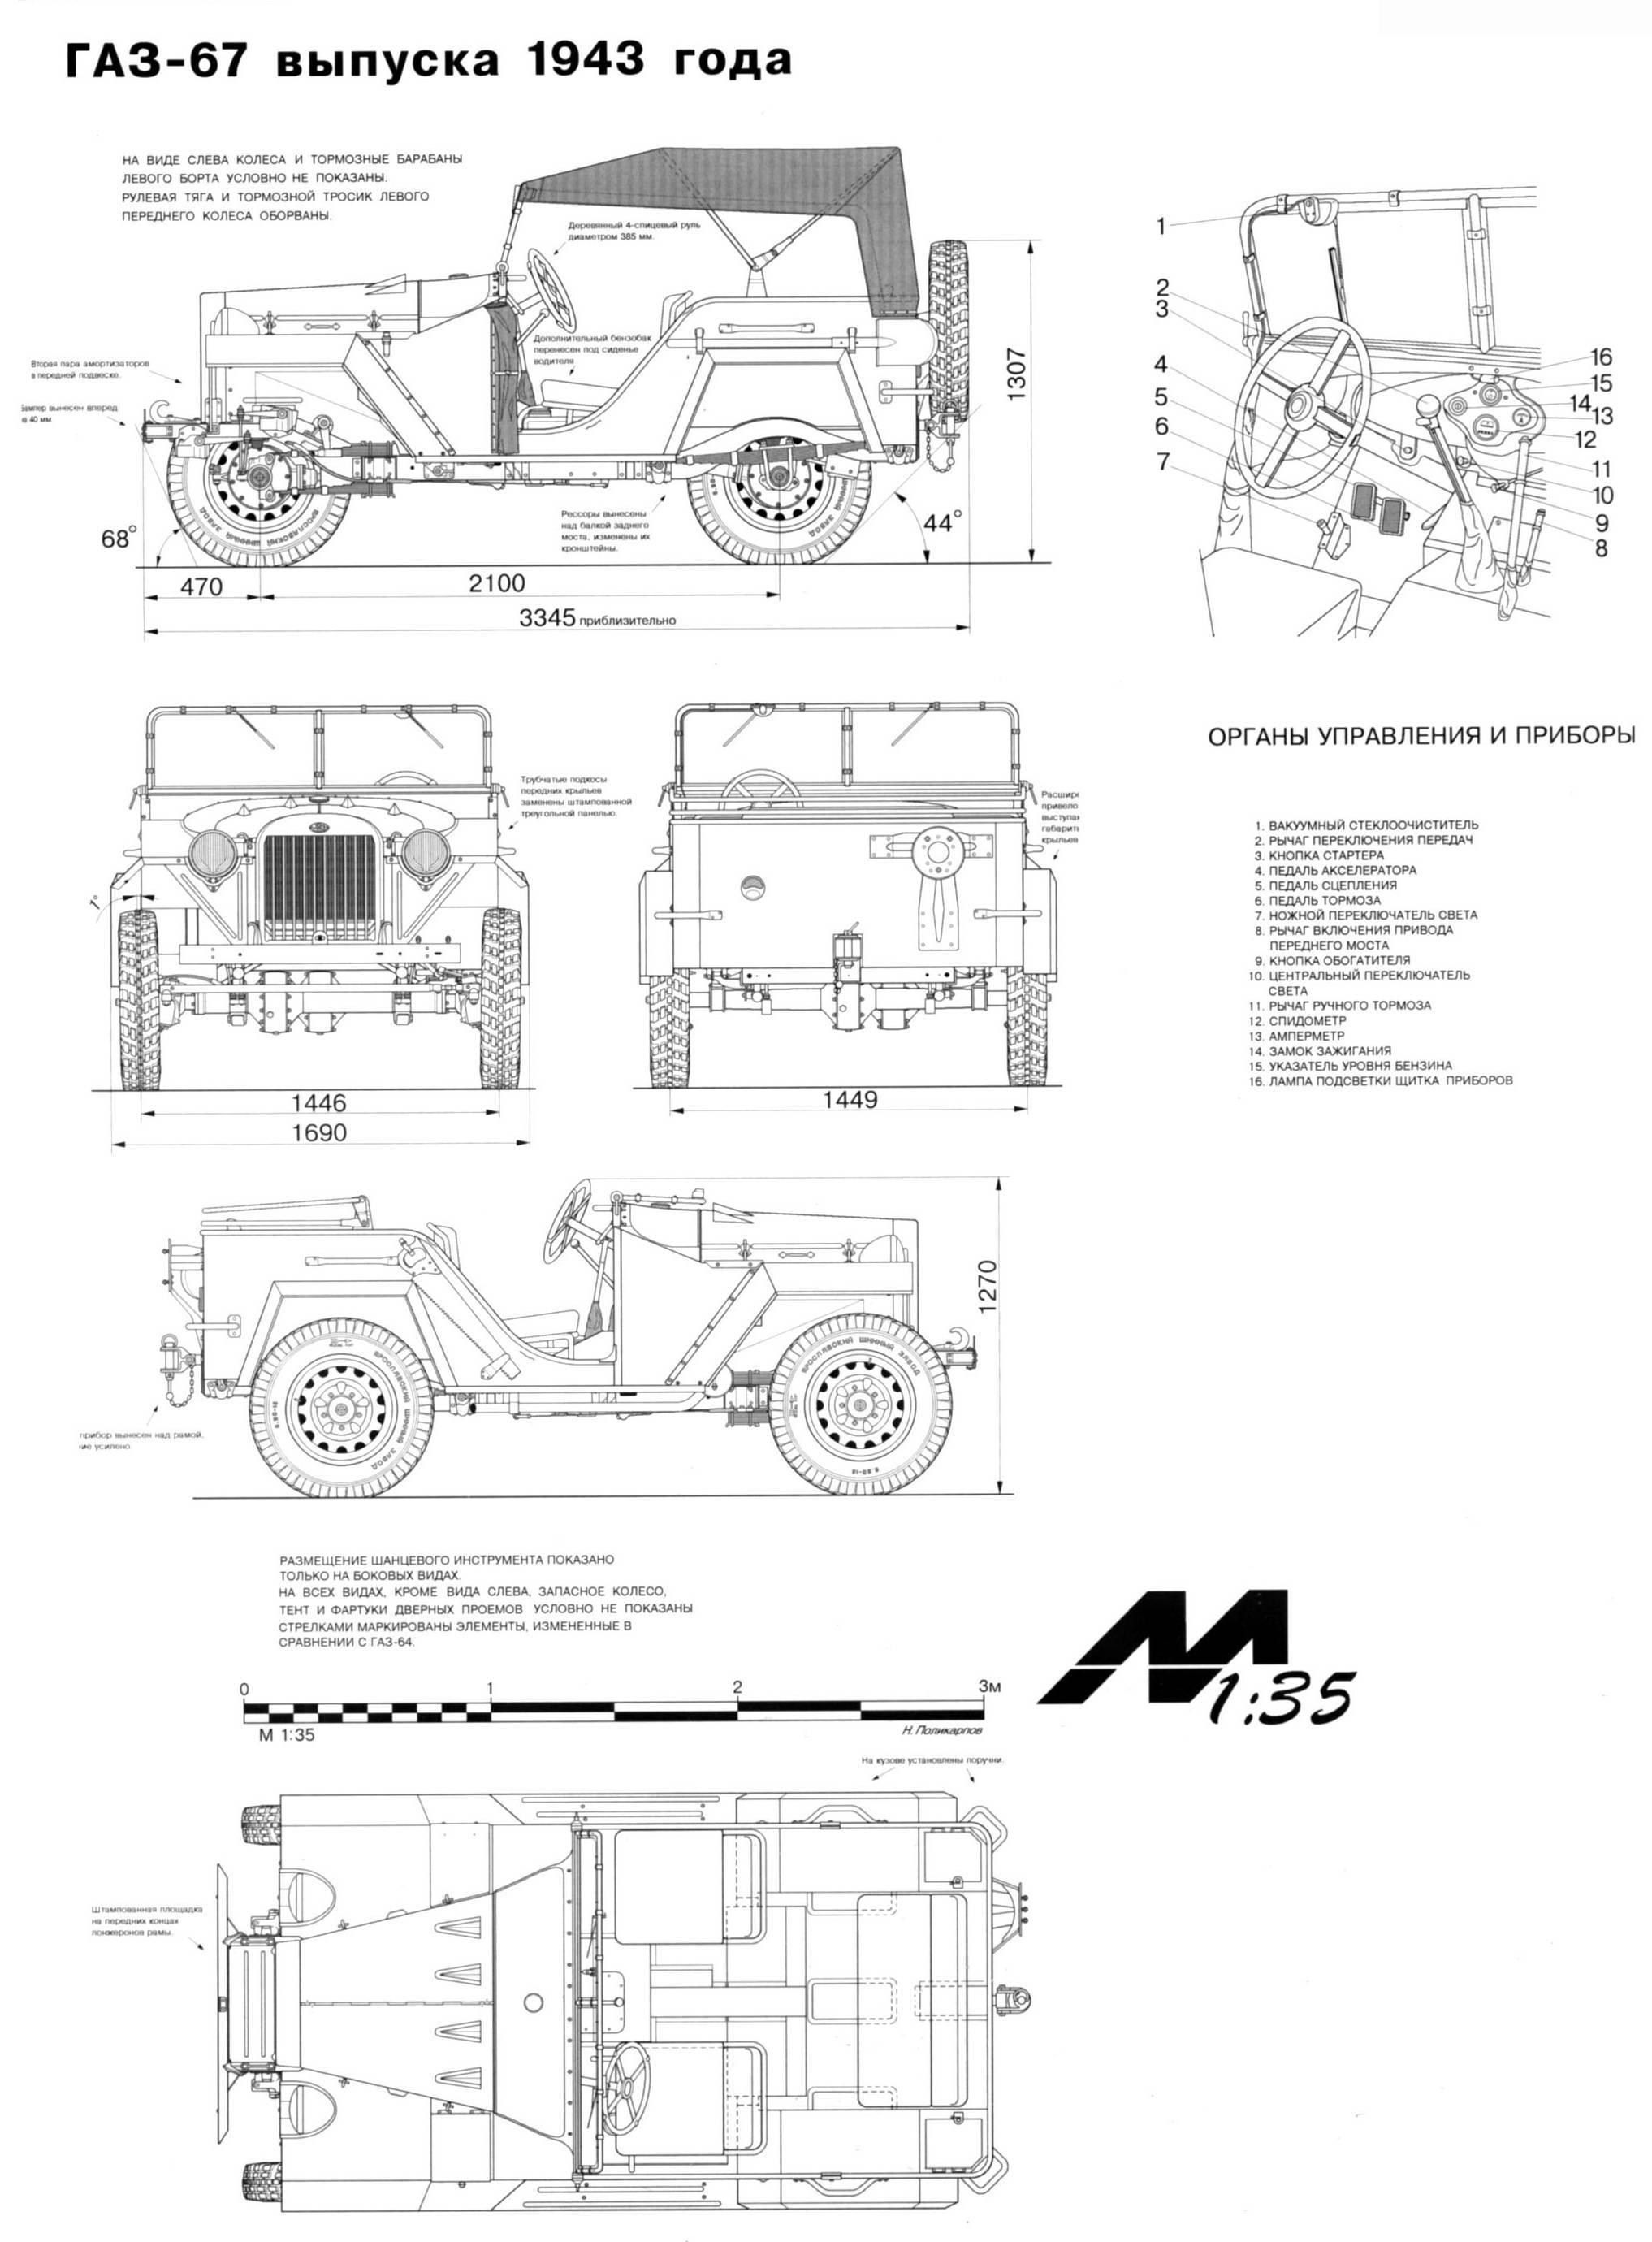 GAZ-67 blueprint